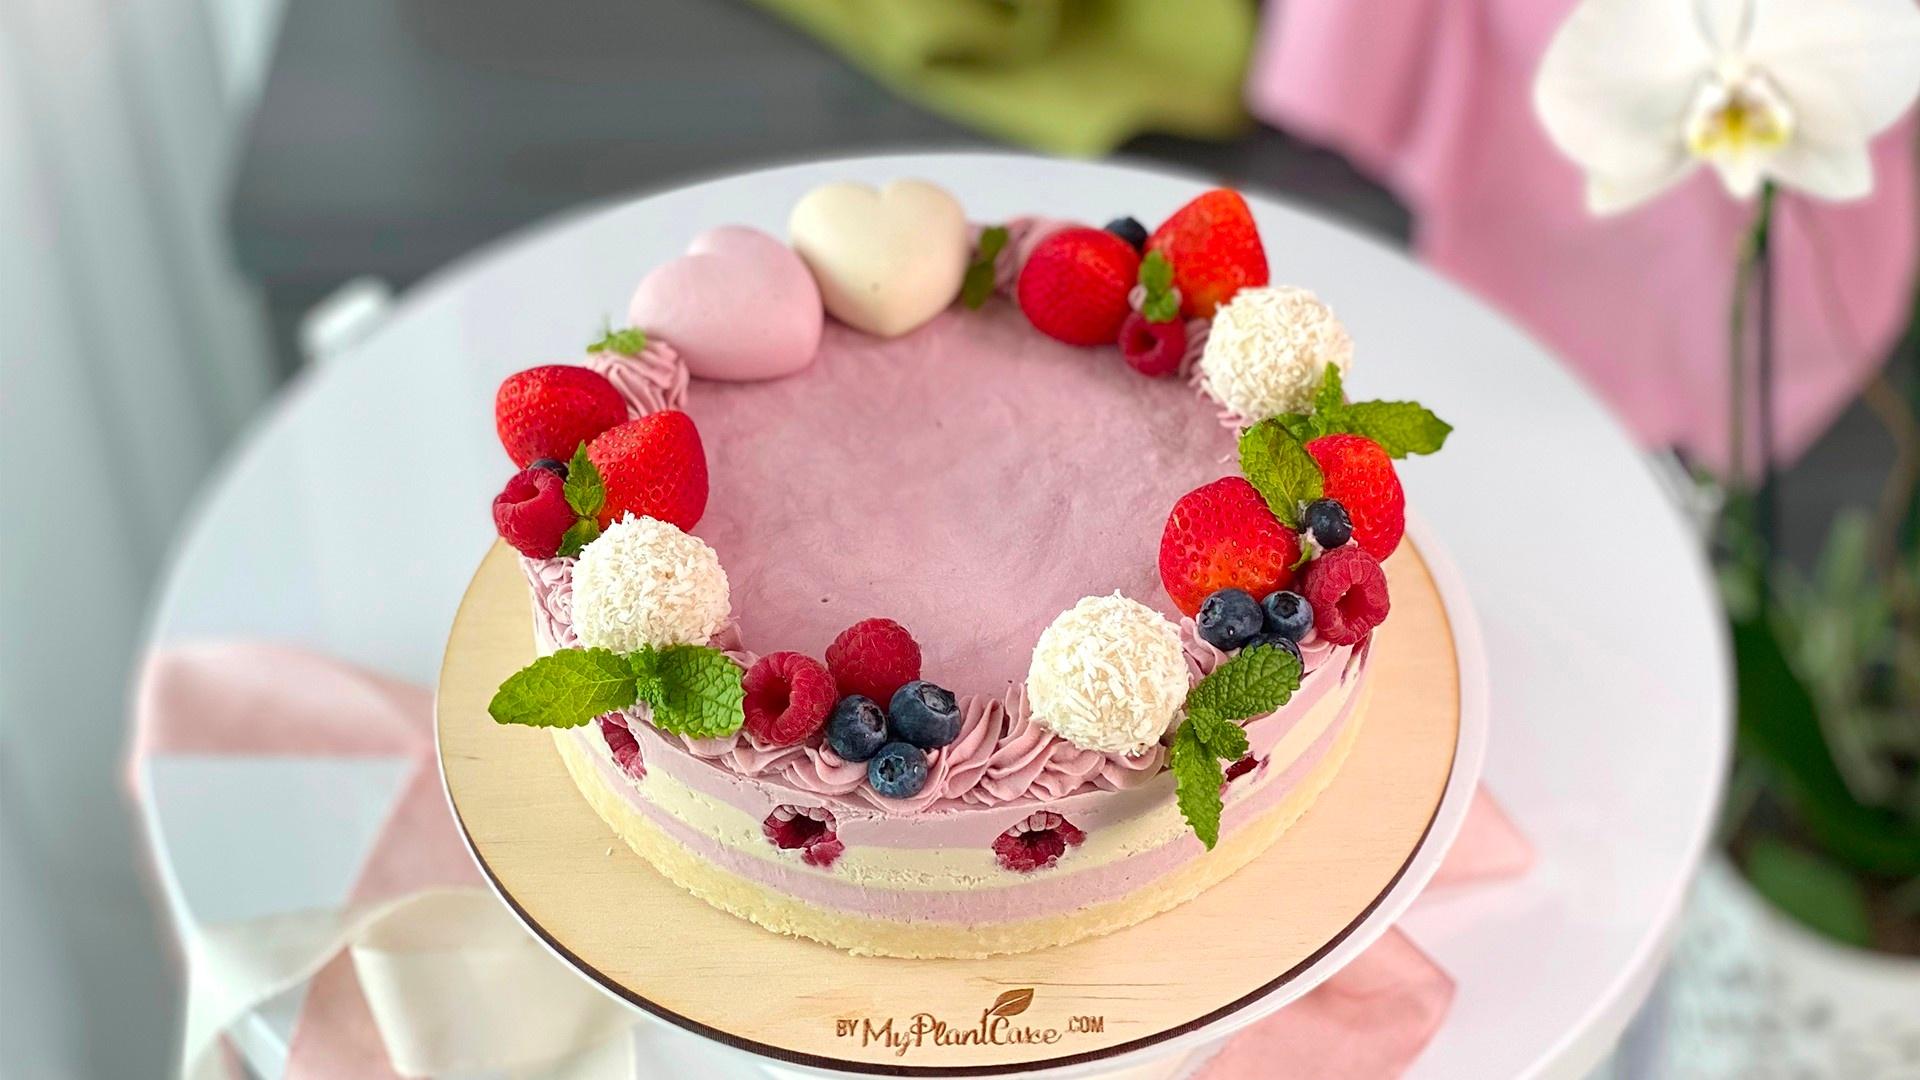 Raspberry White Chocolate Vegan Cake